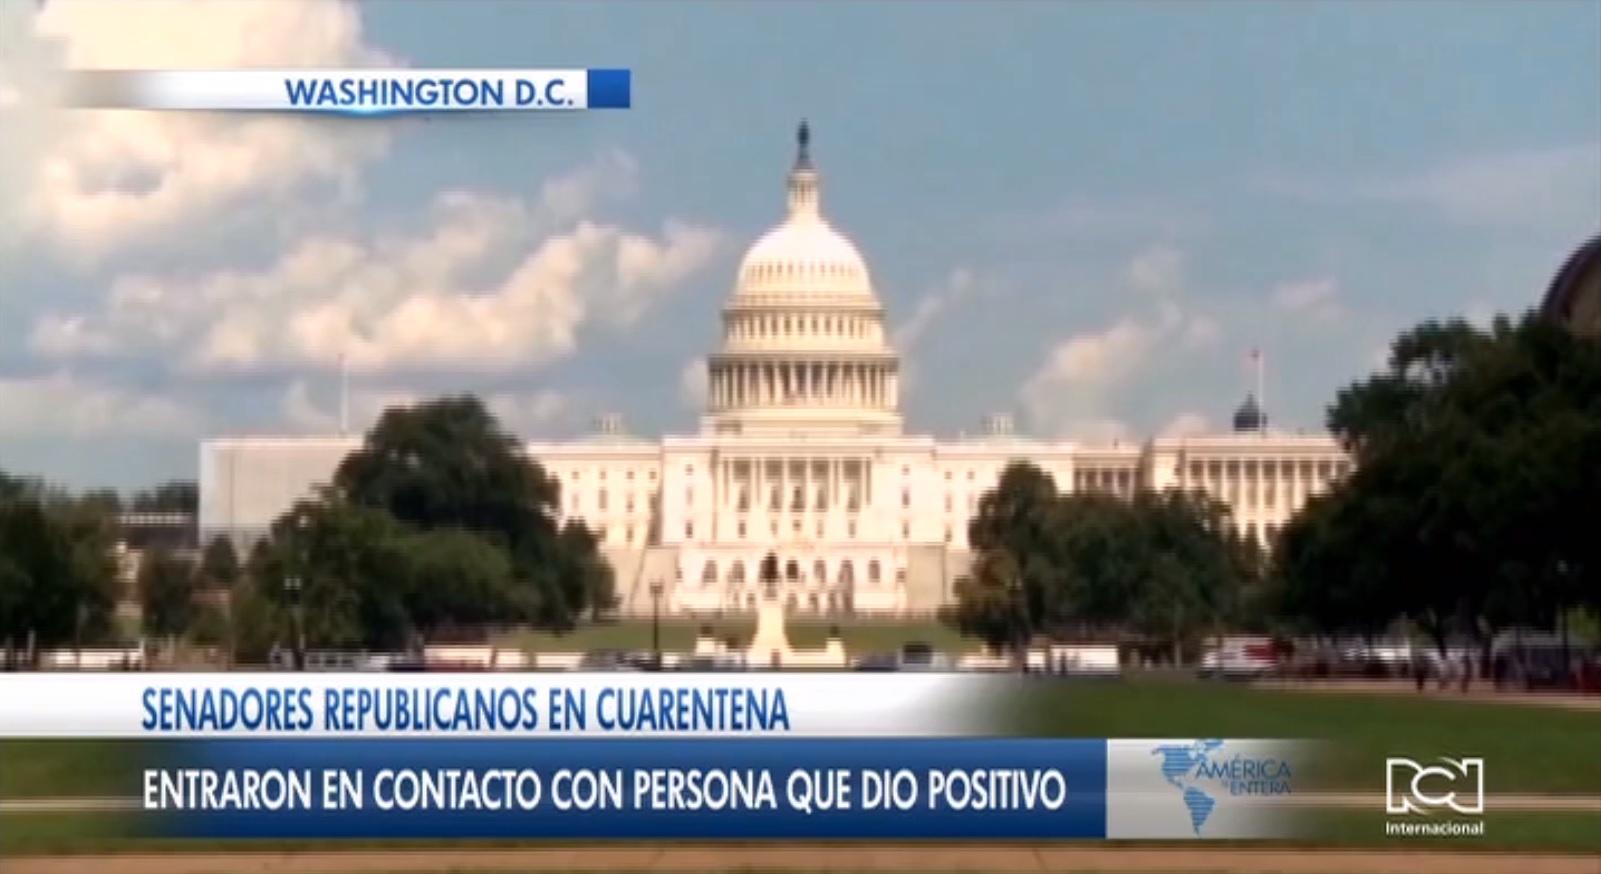 Alerta por coronavirus llegó al Capitolio de EE. UU.: Dos congresistas republicanos entraron en cuarentena voluntaria